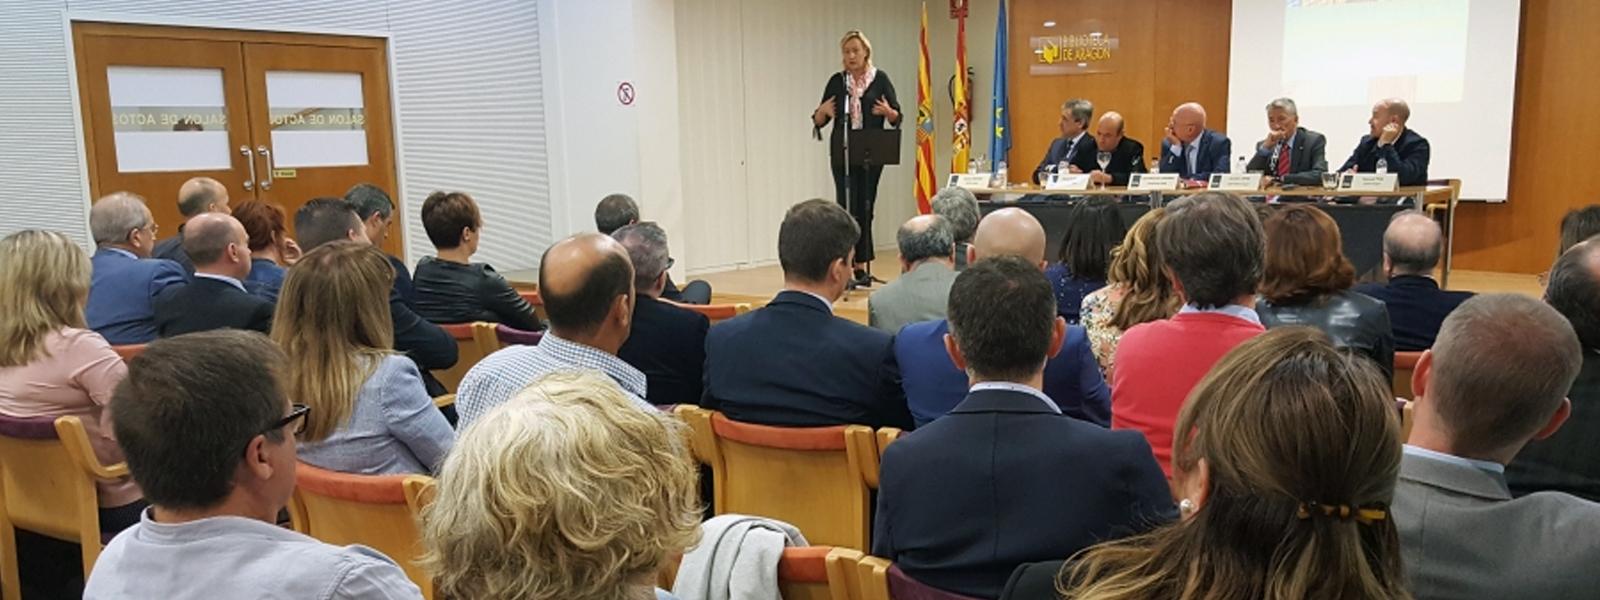 Presentación del informe del CESA